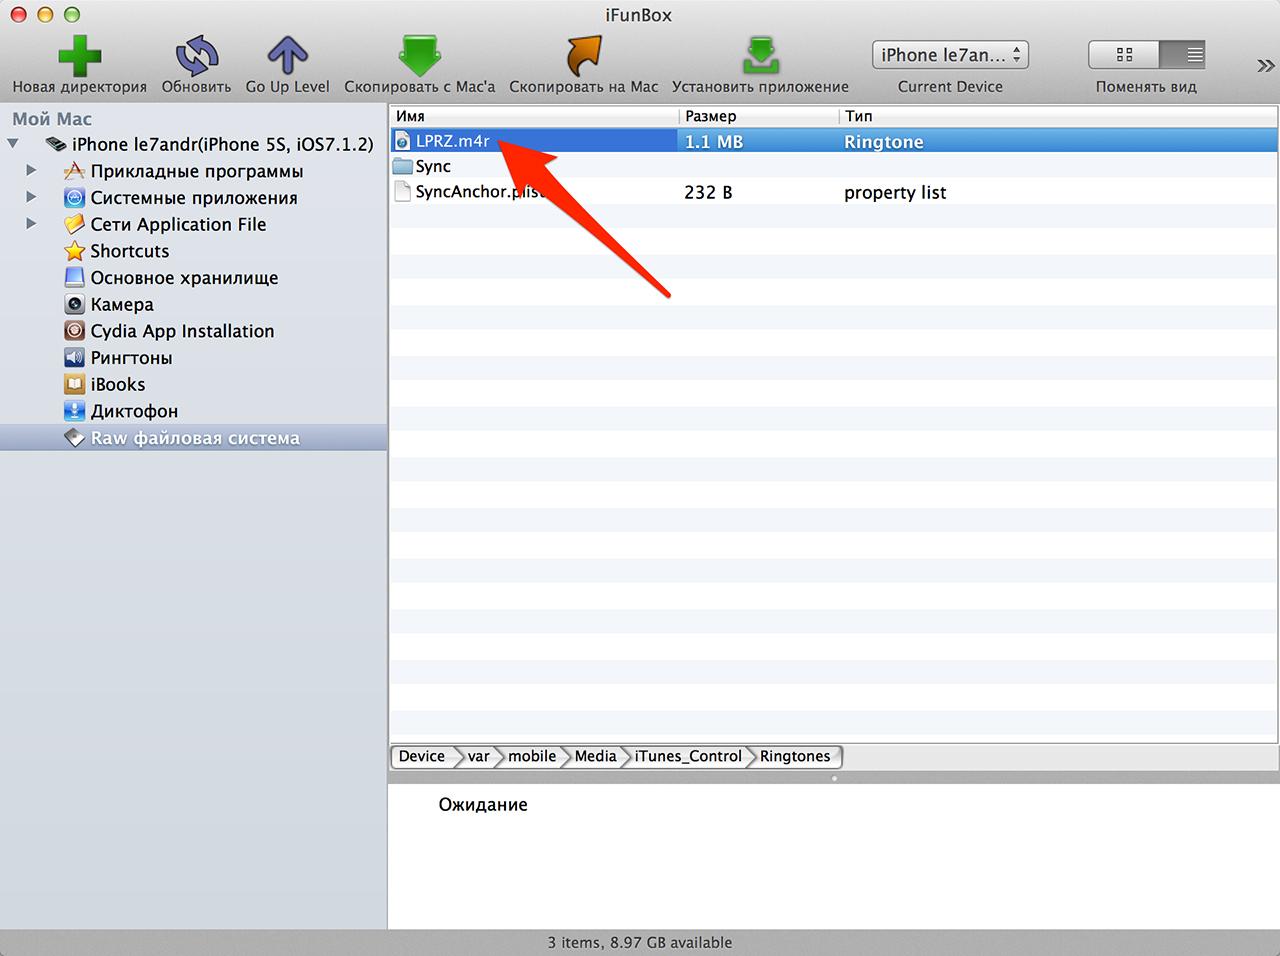 Найдите файл рингтона подлежащий удалению